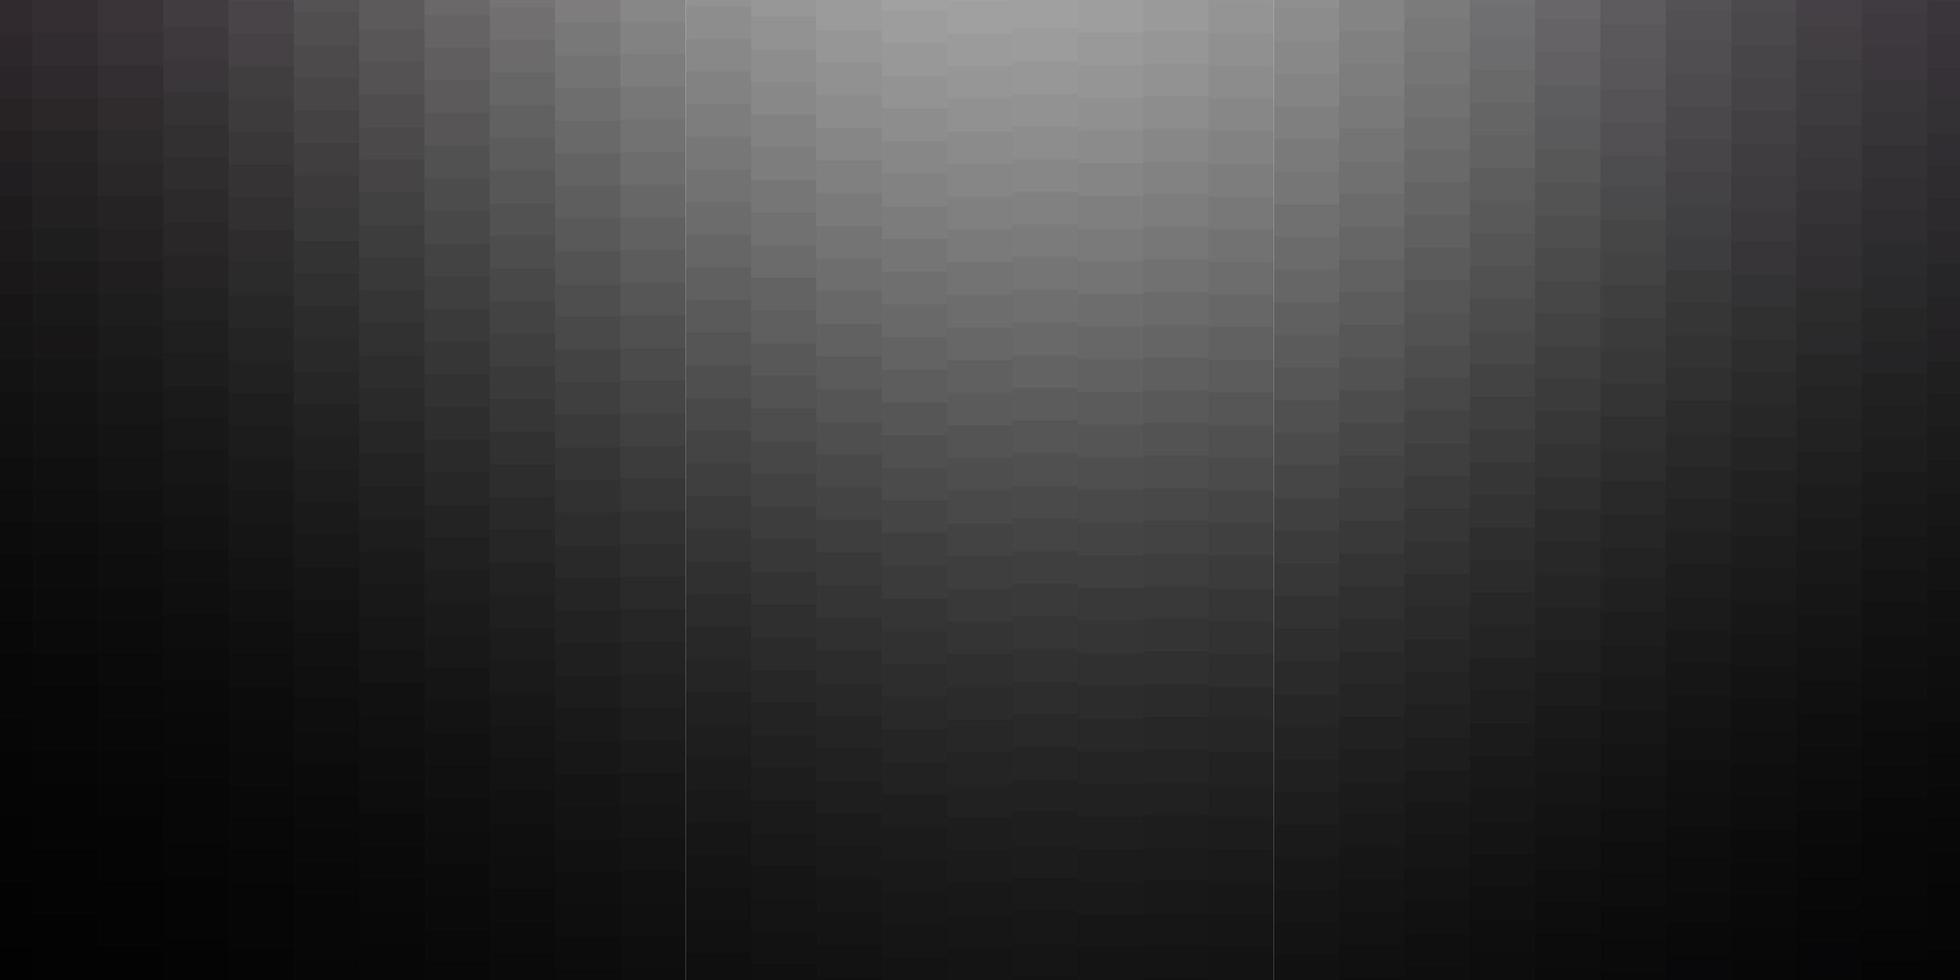 dunkelgrauer Vektorhintergrund im polygonalen Stil. vektor